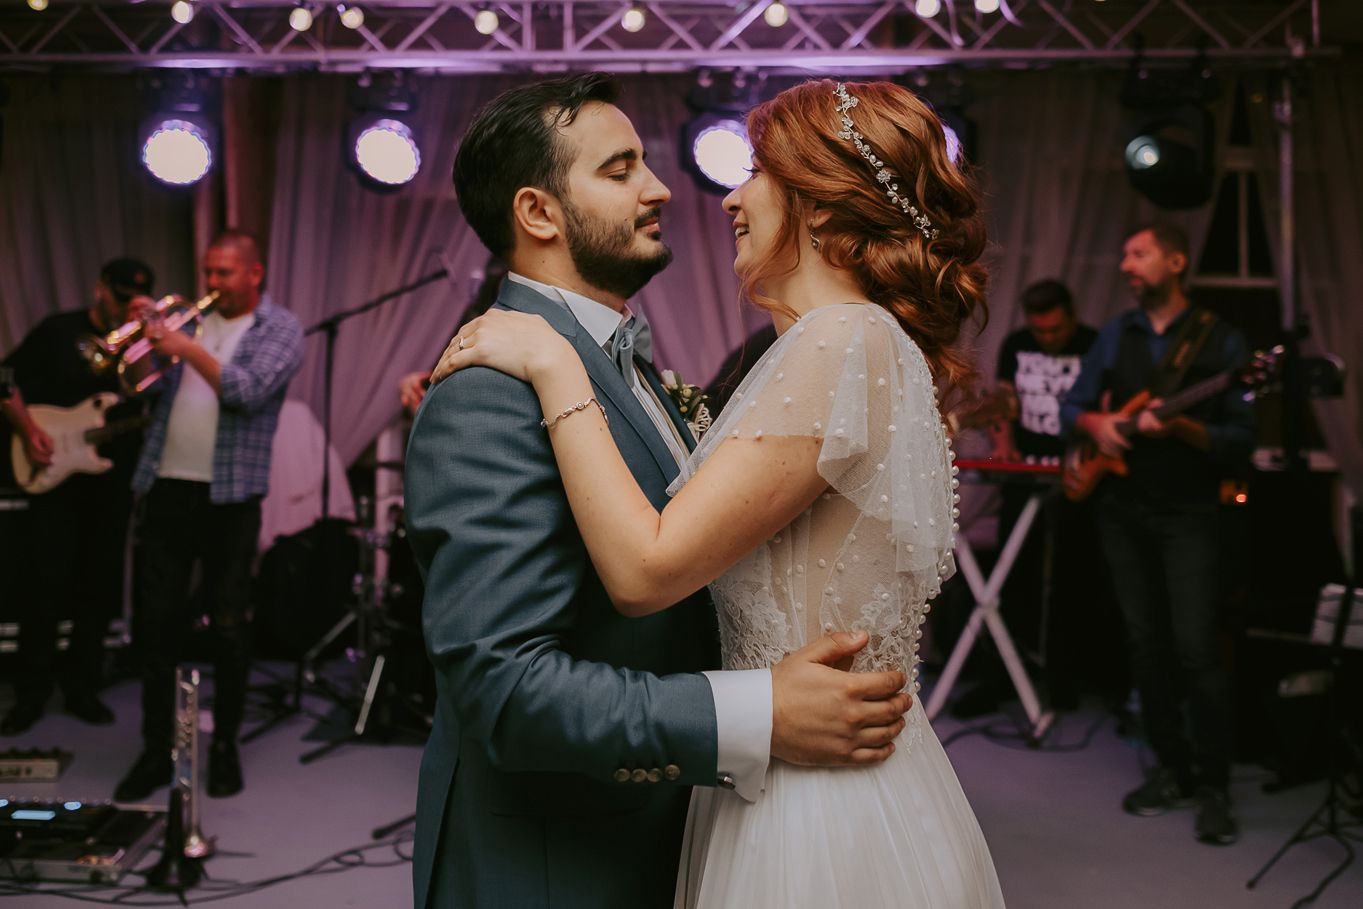 lightveils-wedding-photographer-bucharest-romania-greenspot-barn